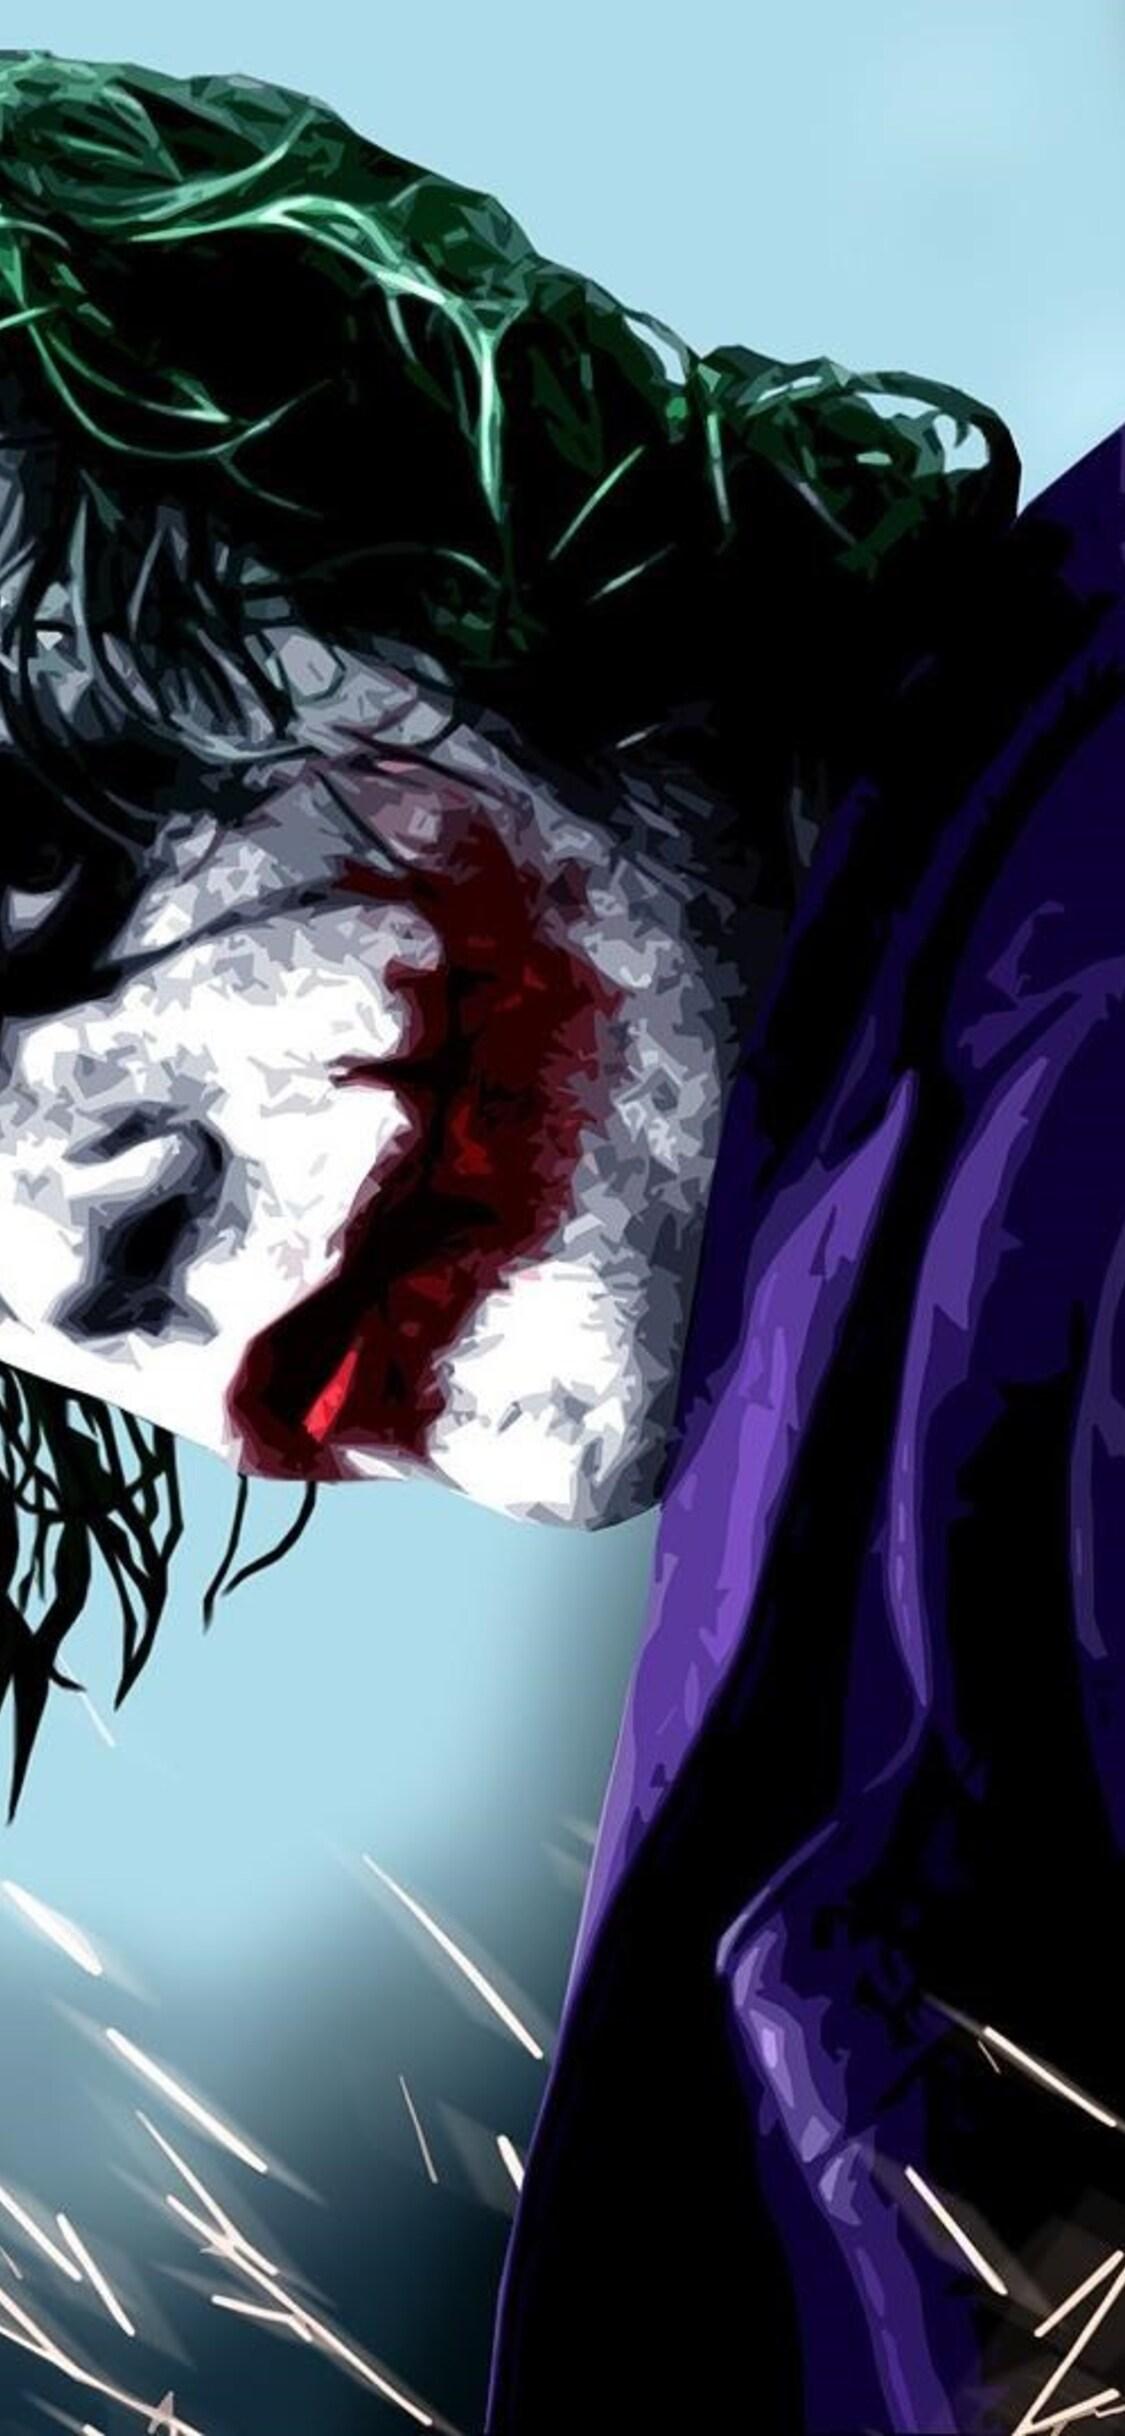 Joker Wallpaper 4k For Iphone X Simplexpict1storg